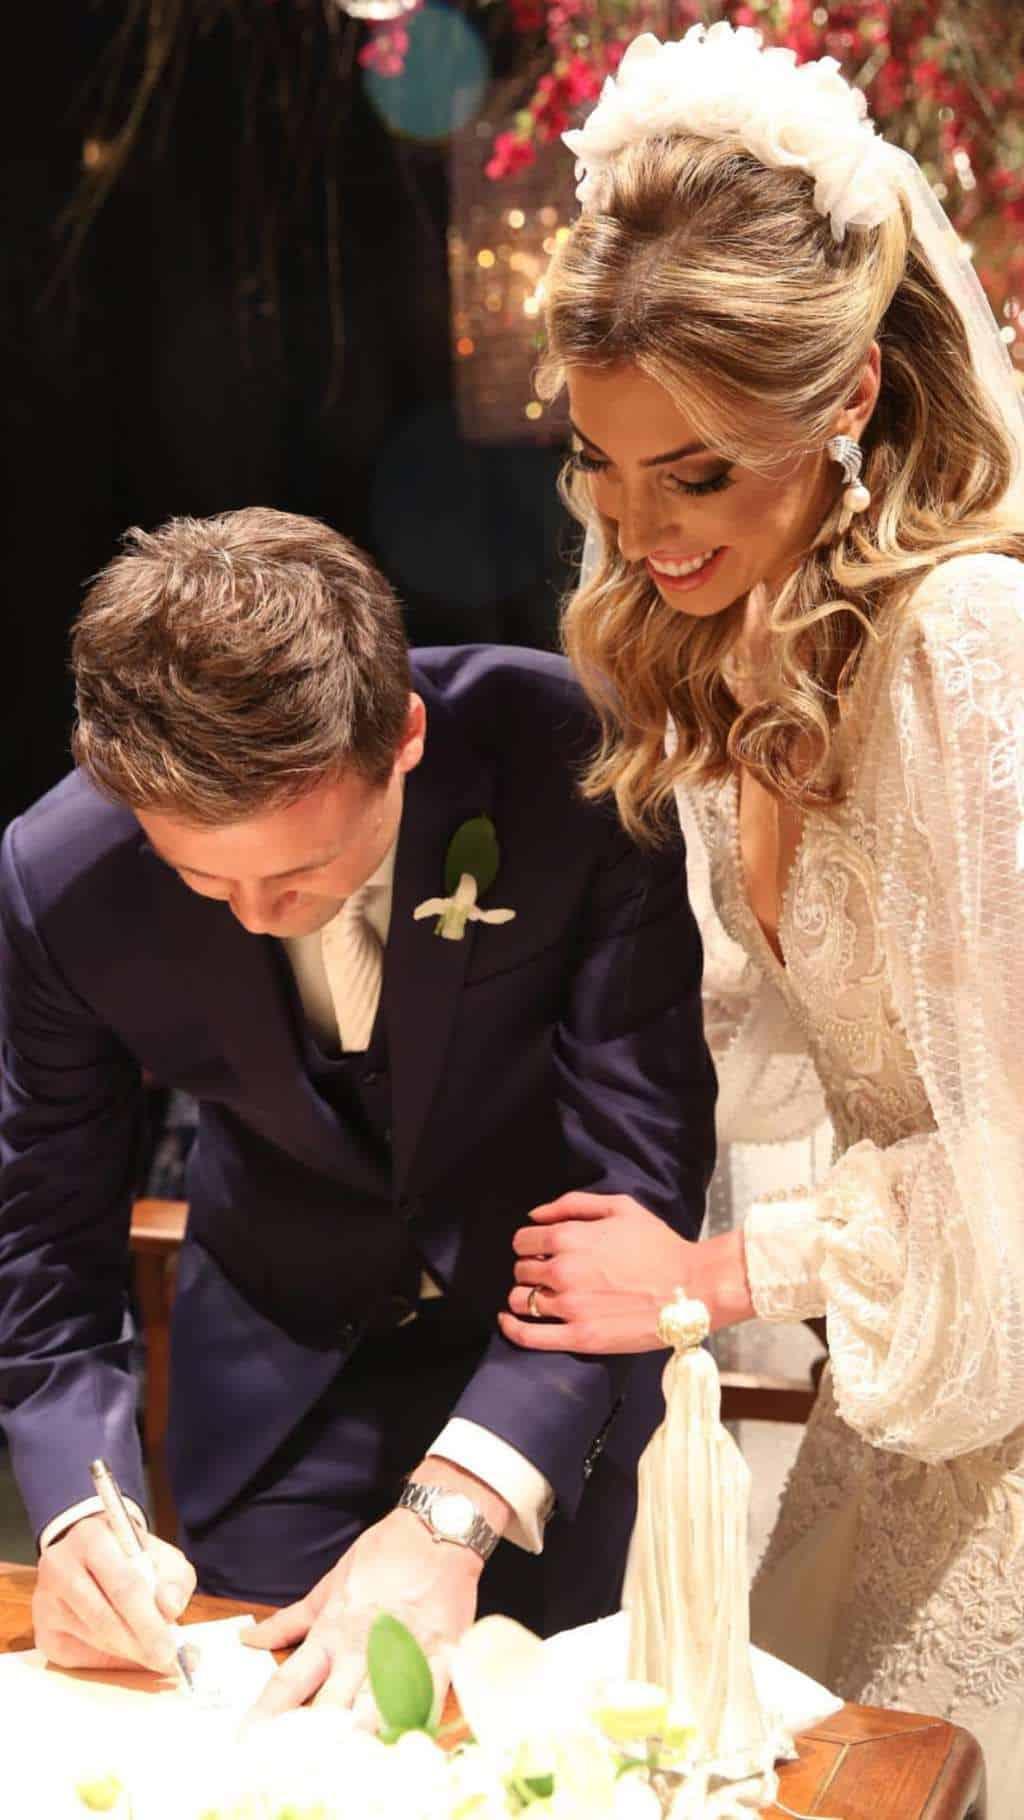 casamento-casamento-de-dia-cerimônia-Cissa-Sannomiya-Clube-Hipico-de-Santo-Amaro-marina-e-josé-Miguel-Kanashiro-casamento-13